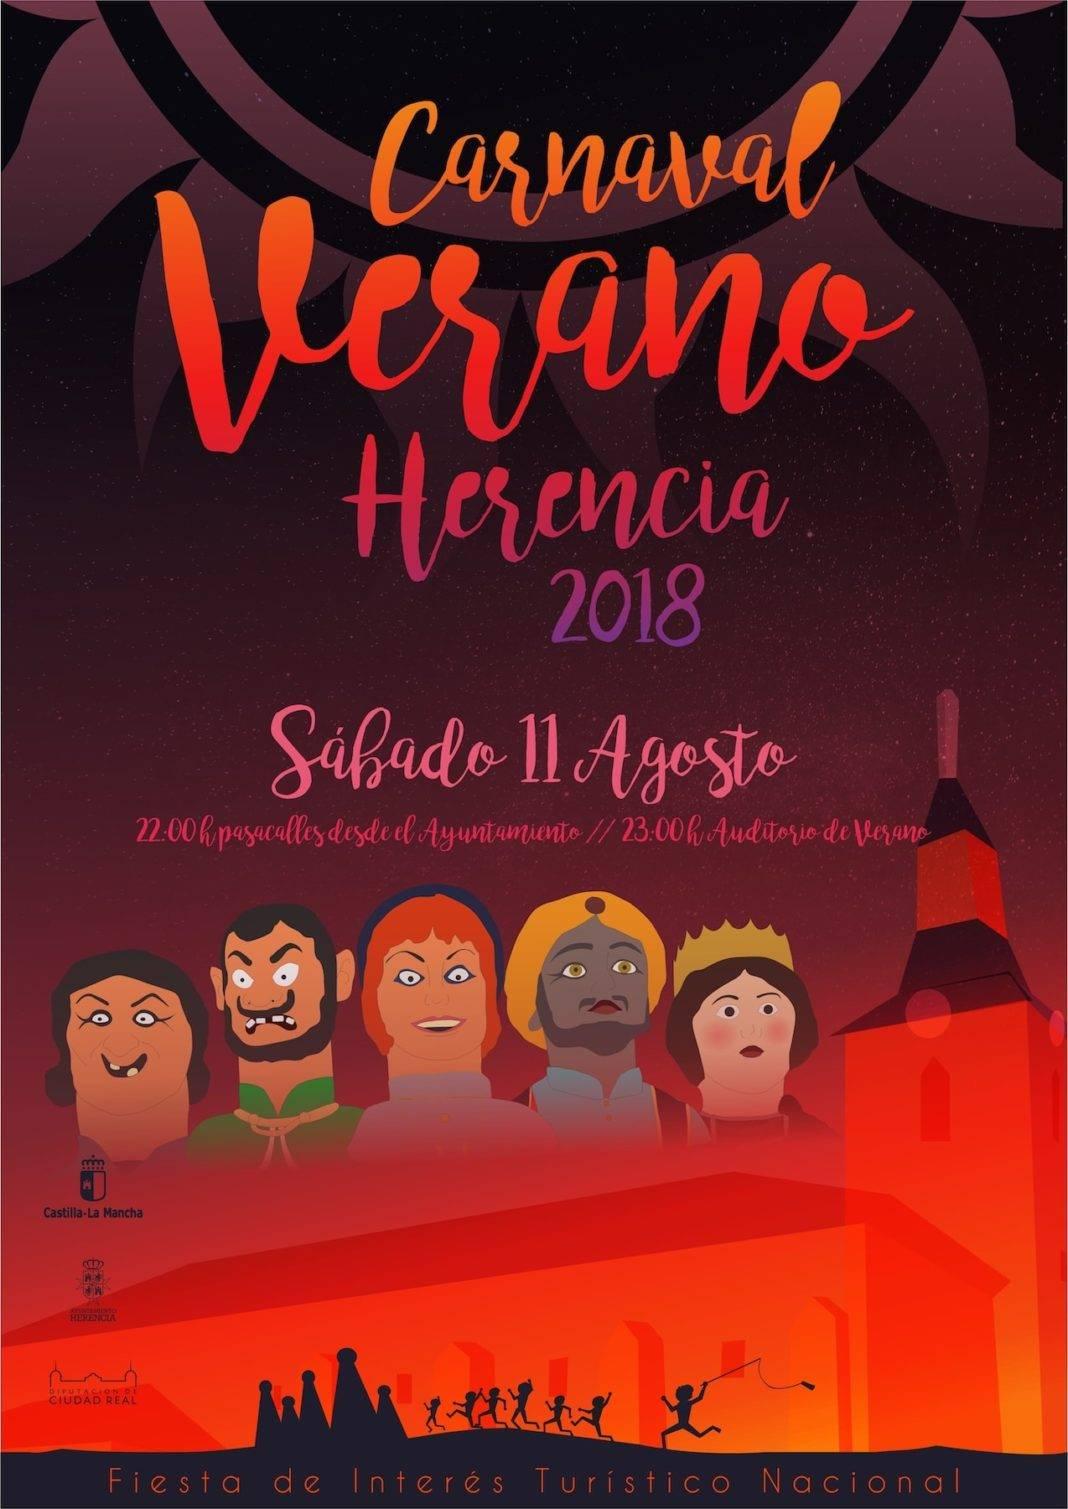 carnaval de verano 2018 herencia ciudad real 1068x1509 - El sábado 11 Herencia vivirá su carnaval de verano